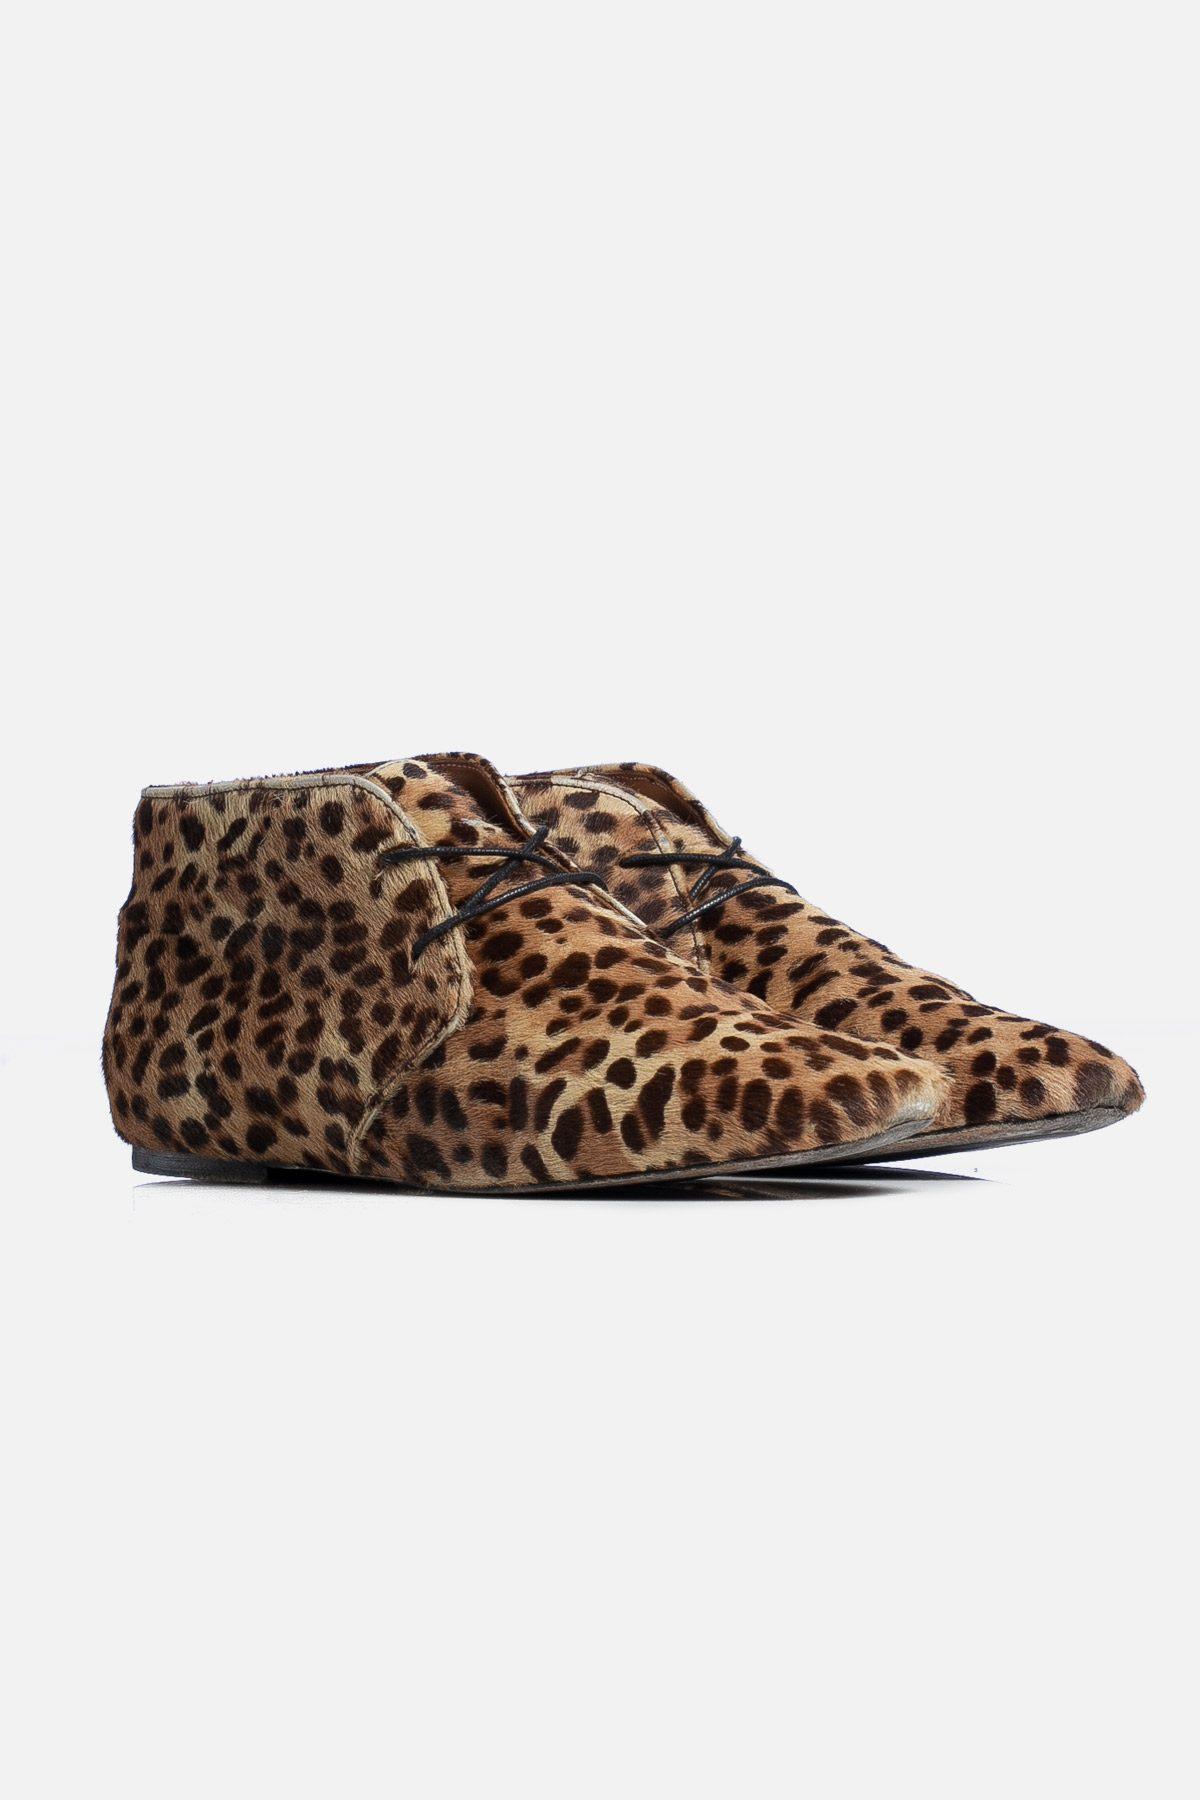 Ponyhair Leopard Print Lace-Up Boots